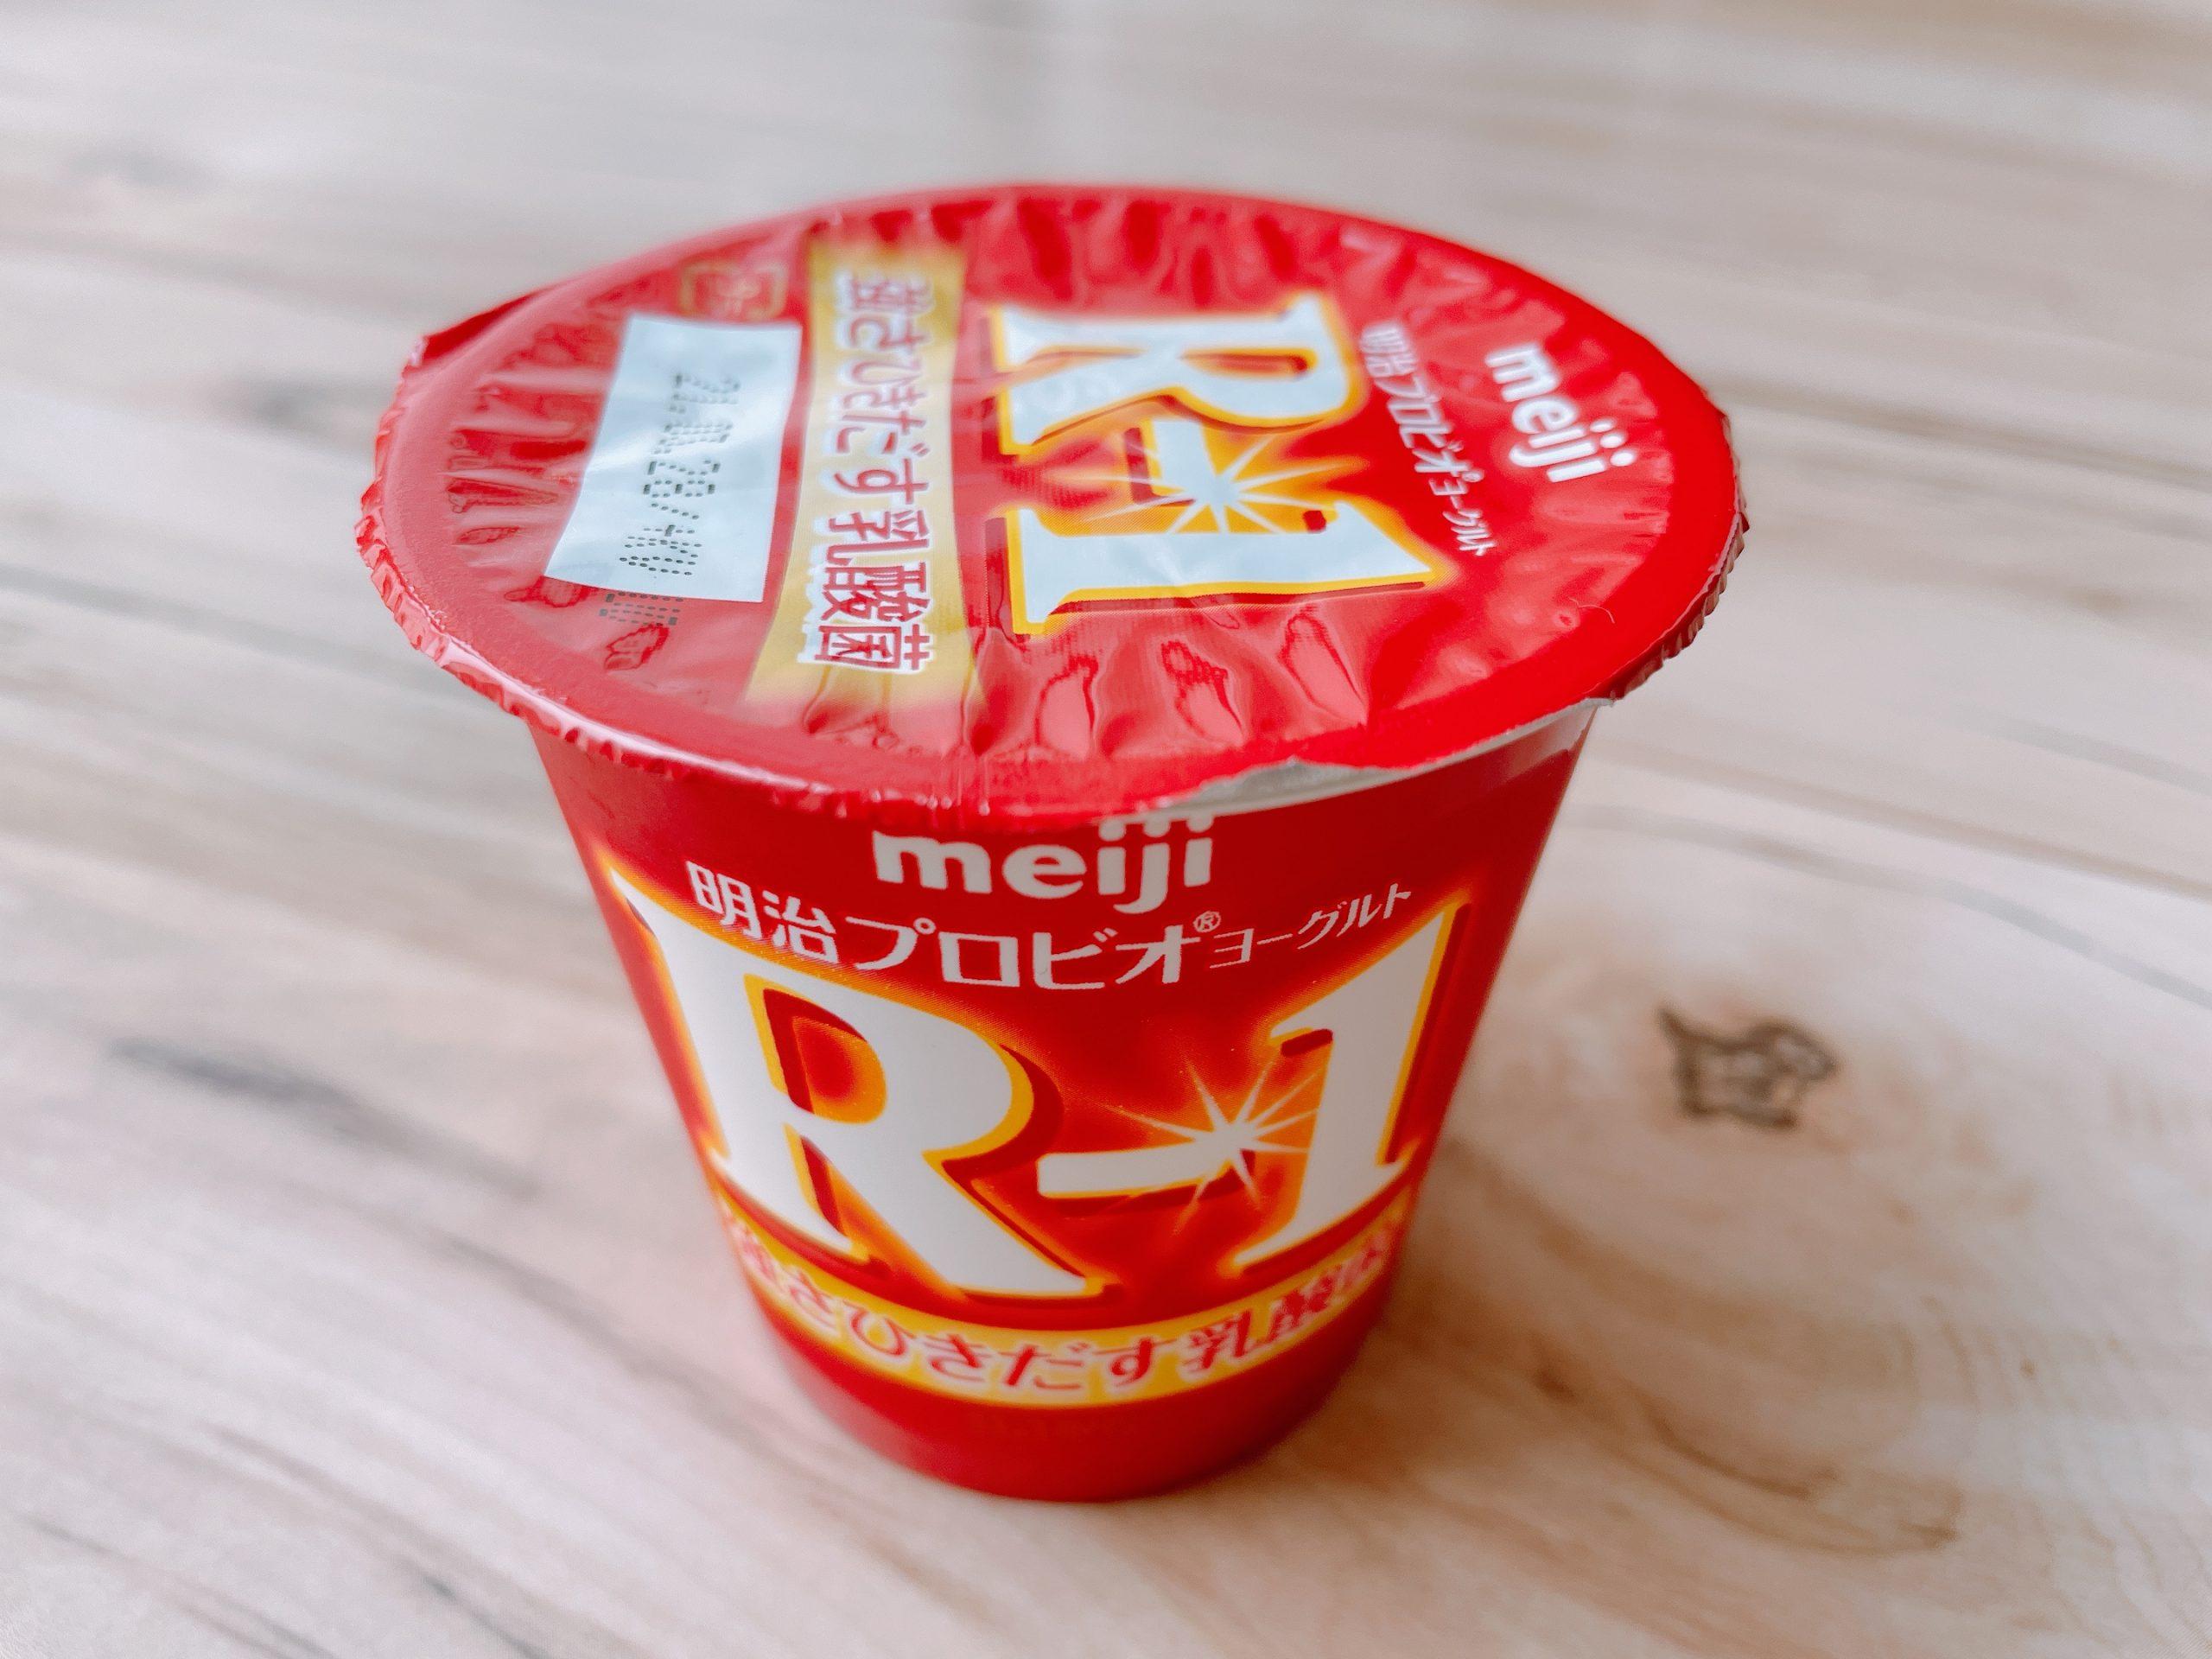 R1ヨーグルト112gは、飲むヨーグルトより美味しい